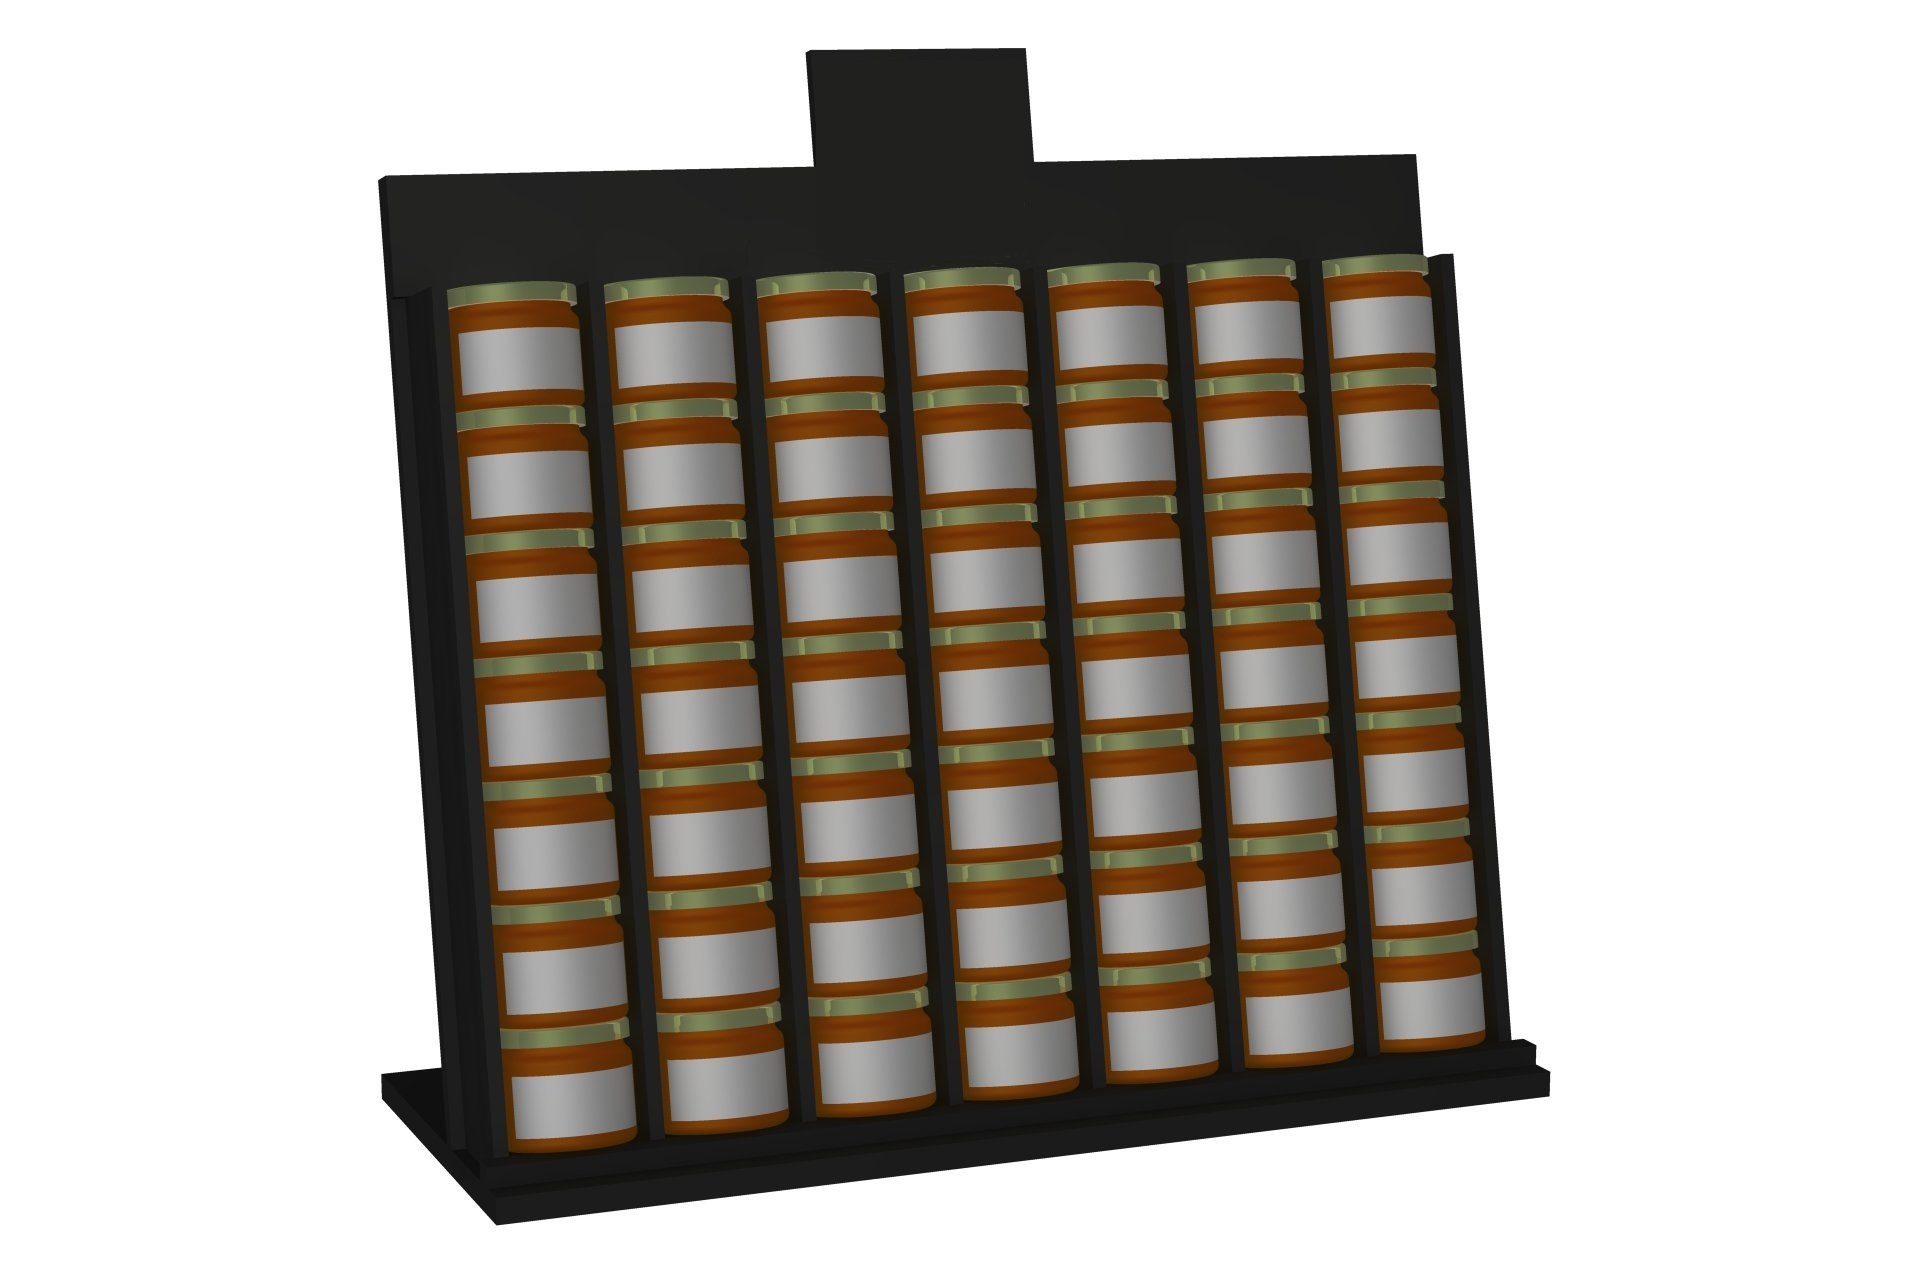 Toonbankdisplays volledig op maat gemaakt Buyck Displays